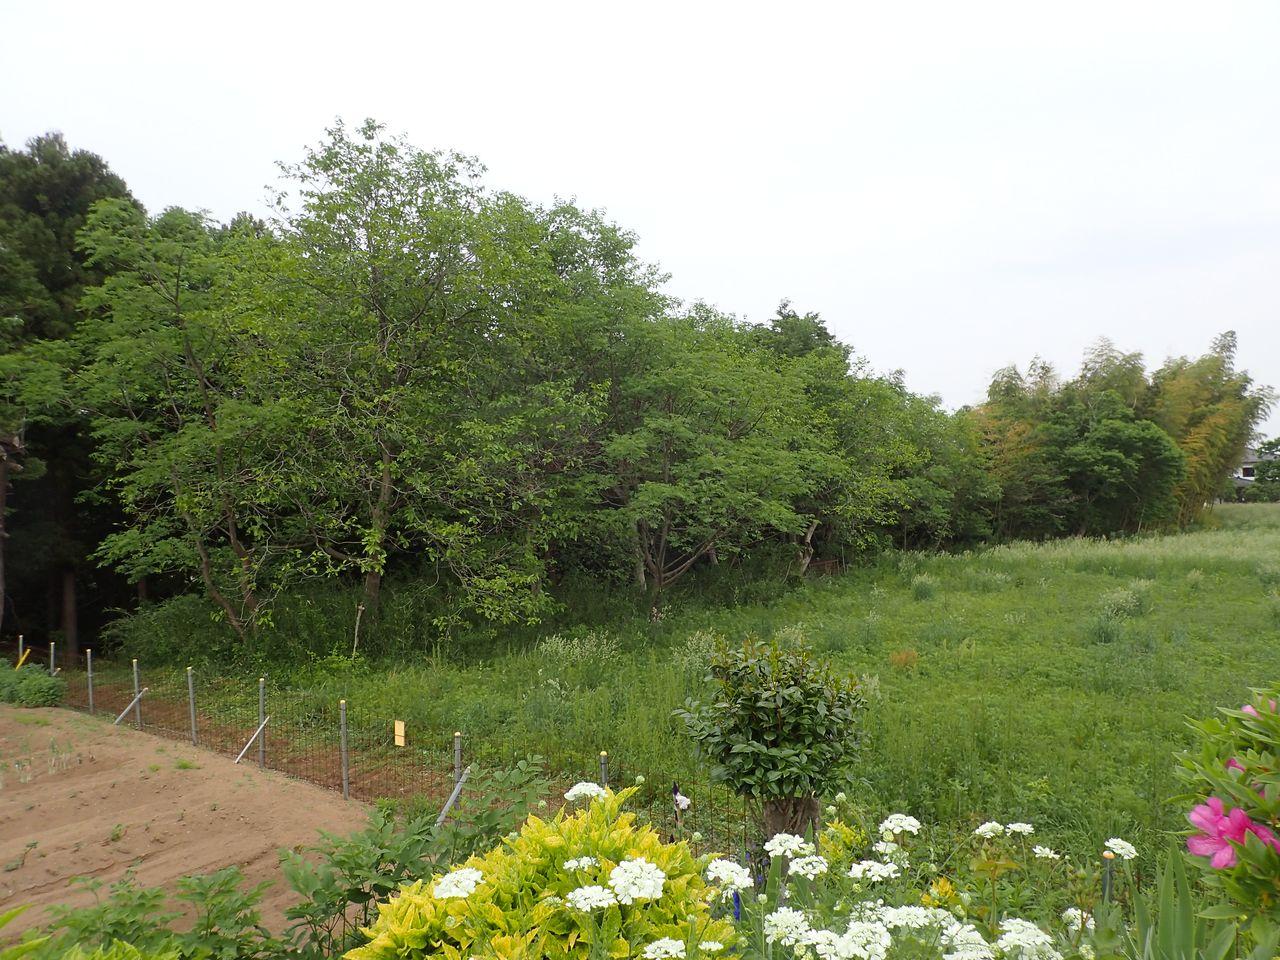 Огород вернувшегося из эвакуации жильца (слева) и заброшенный участок отсутствующего соседа. Для защиты от приходящих на соседний участок кабанов пришлось установить забор (фотография автора)